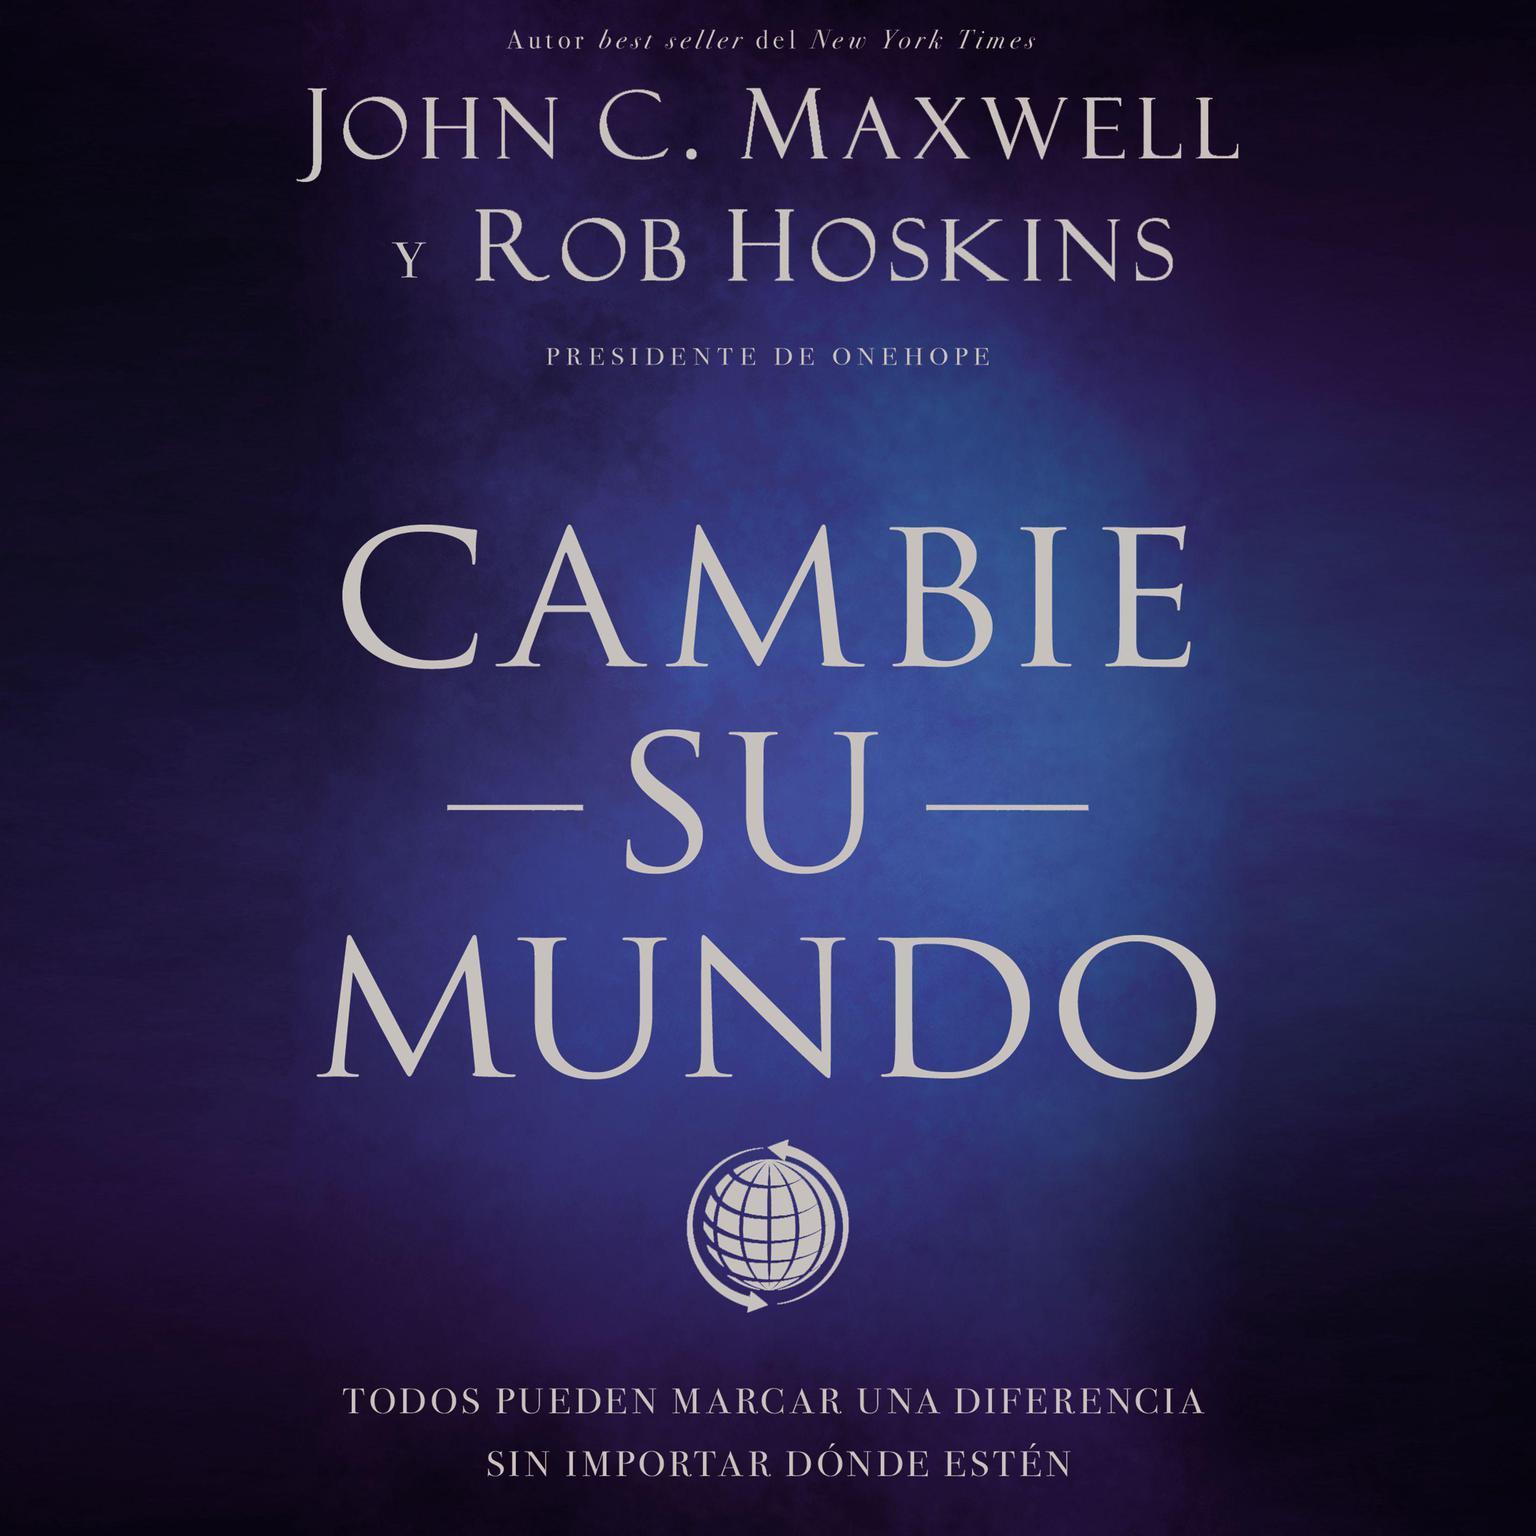 Cambie su mundo: Todos pueden marcar una diferencia sin importar dónde estén Audiobook, by John C. Maxwell